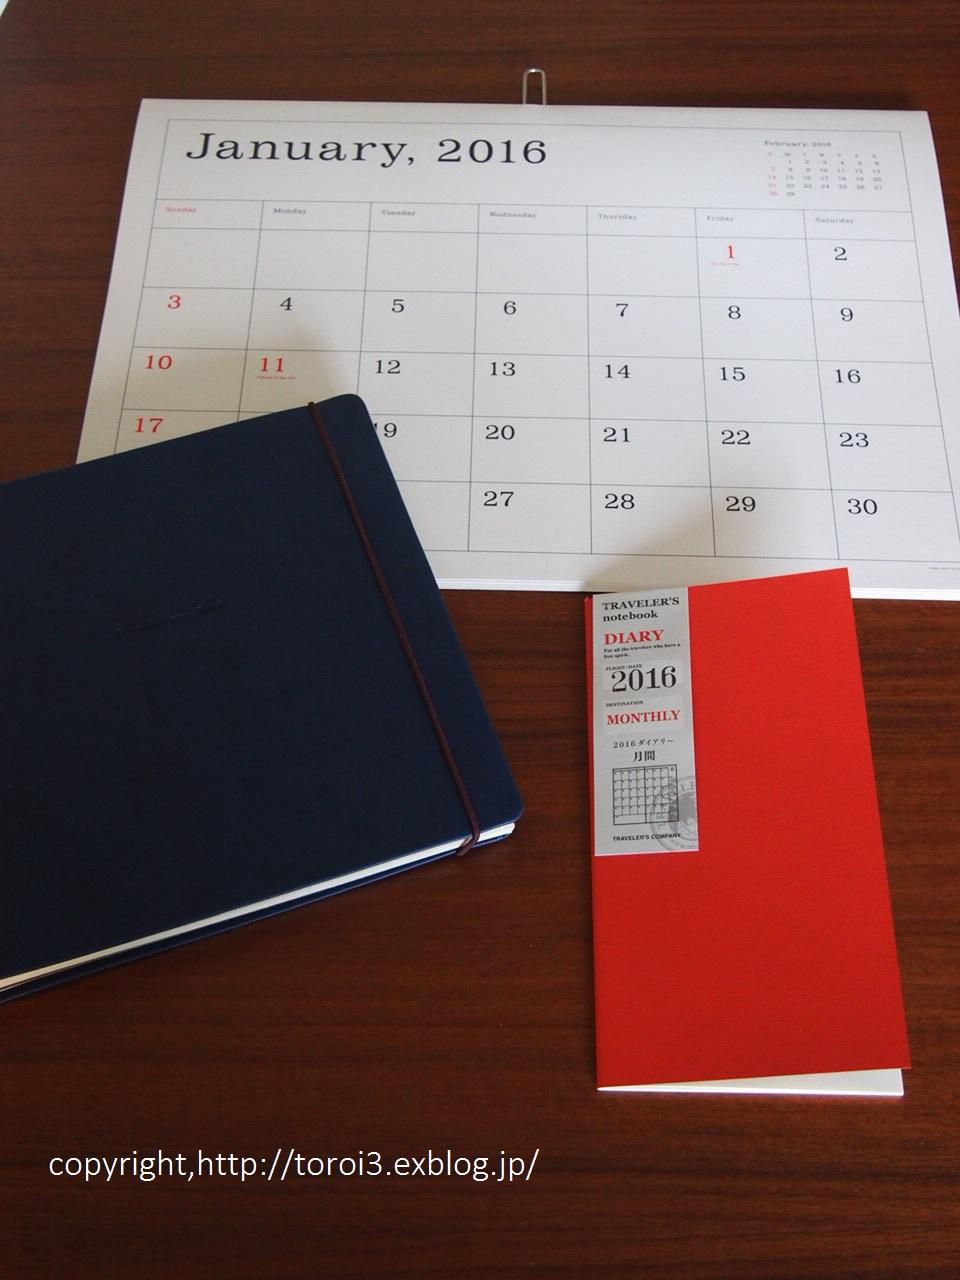 手帳派の人もカレンダー派の人も必見。お洒落で可愛いデザイン集合。のサムネイル画像